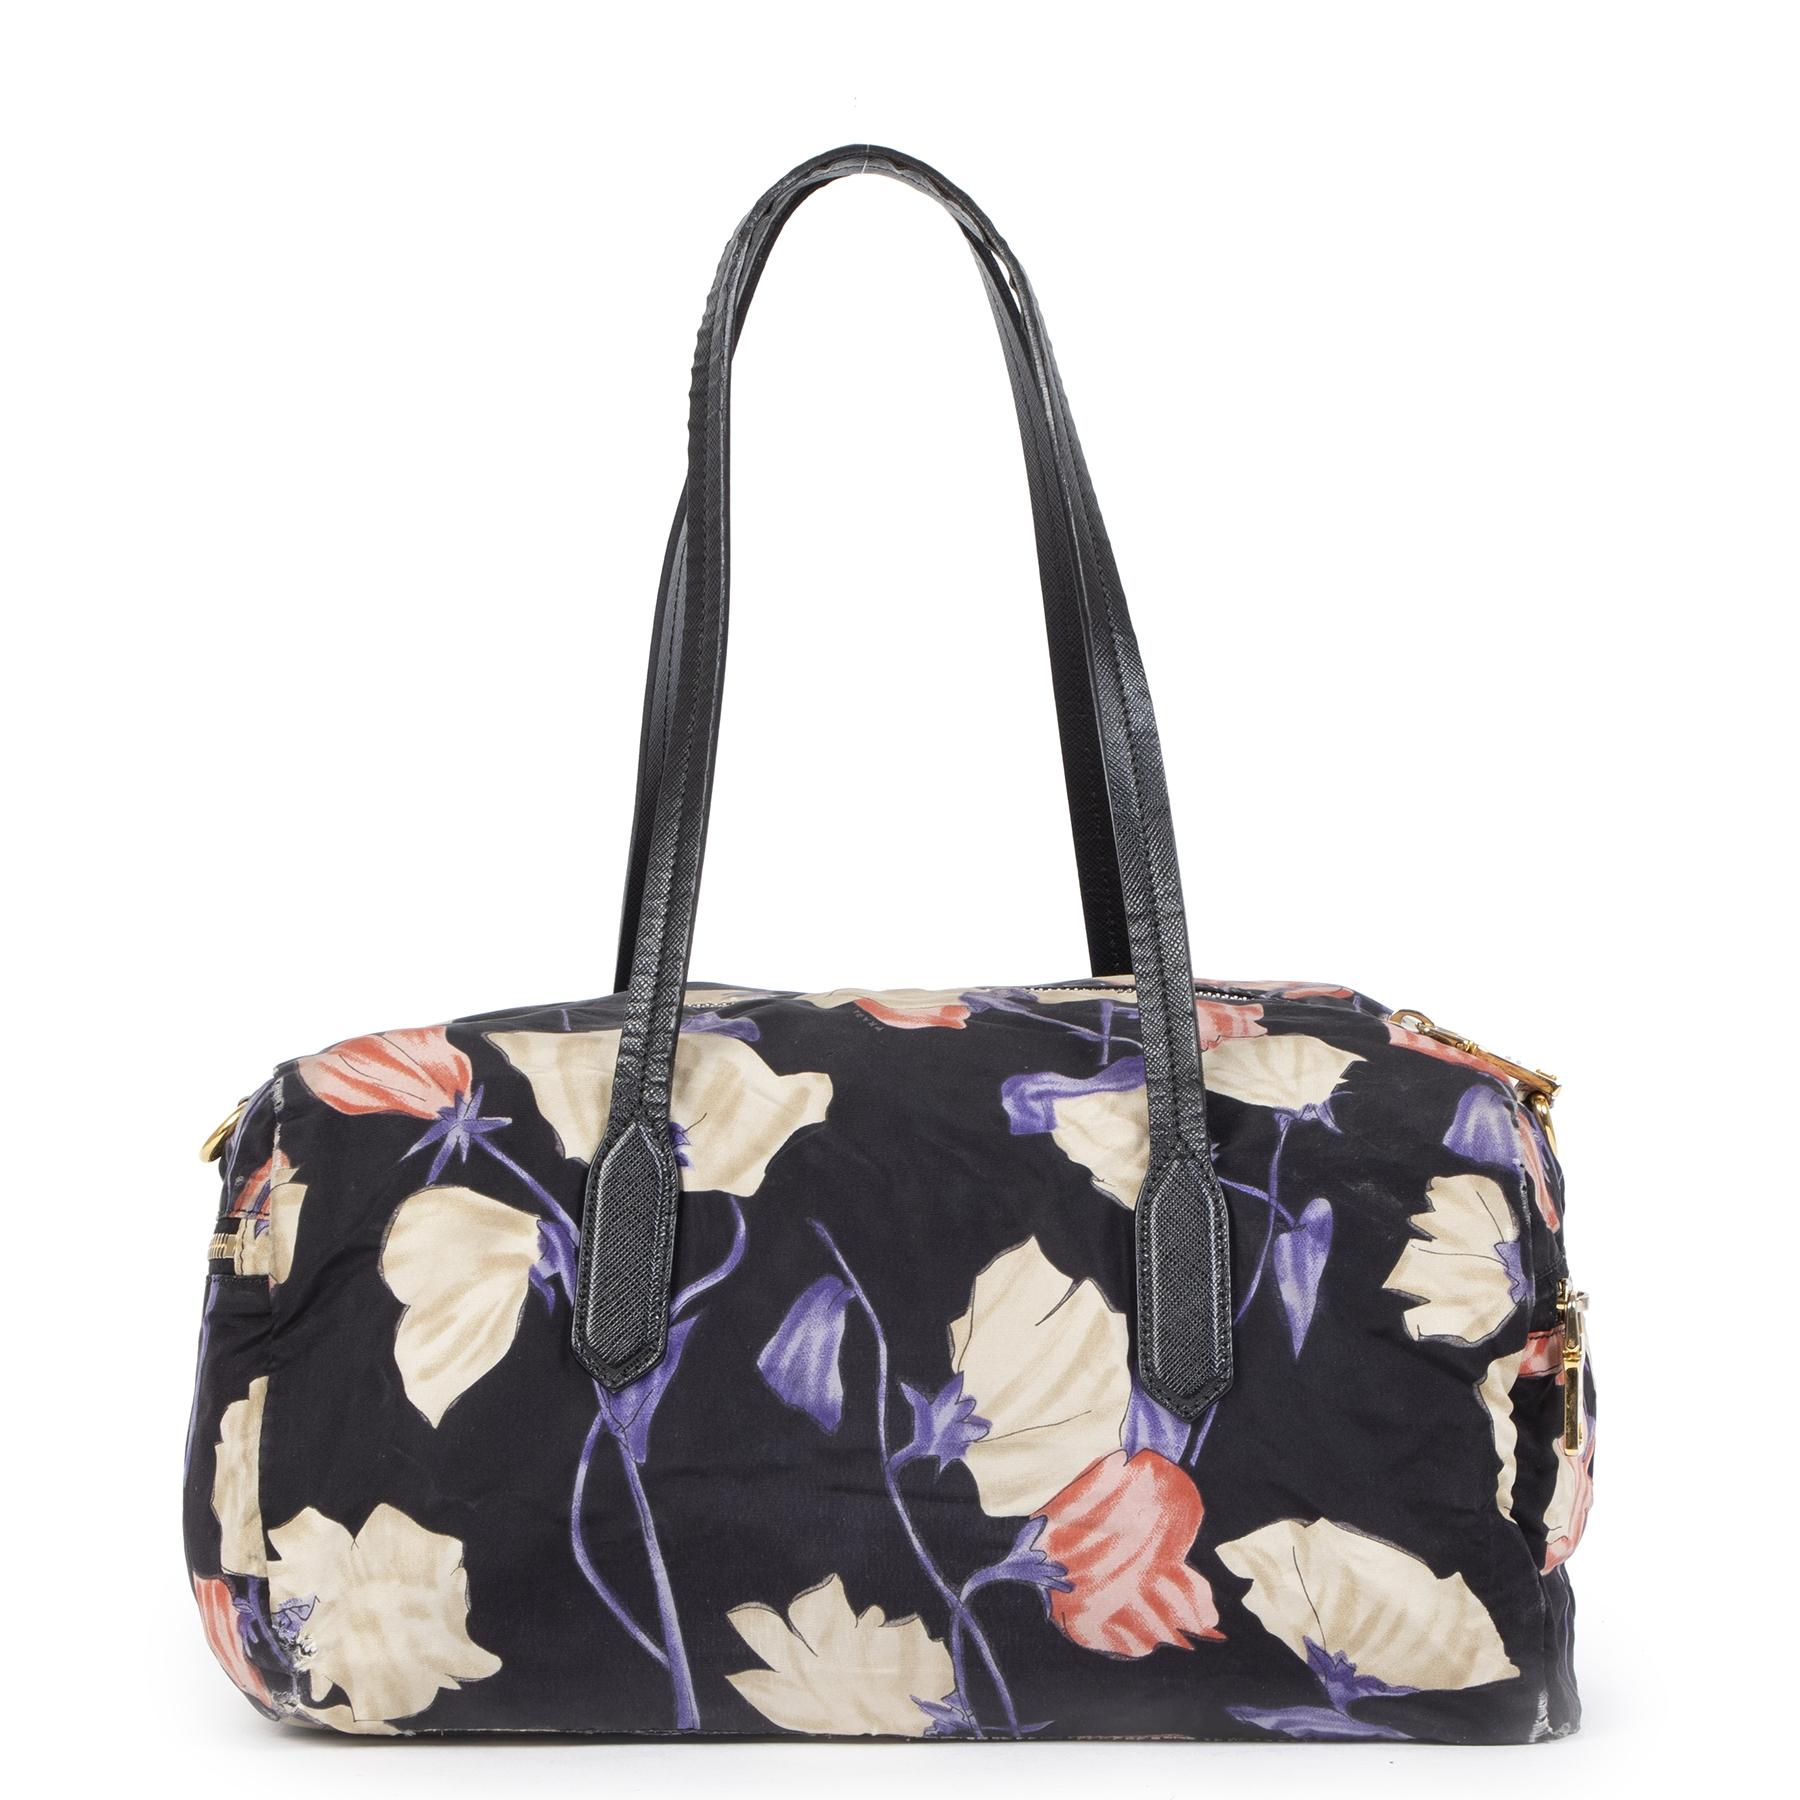 Authentieke tweedehands Prada Floral Nylon Shoulder Bag juiste prijs veilig online shoppen luxe merken webshop winkelen Antwerpen België mode fashion